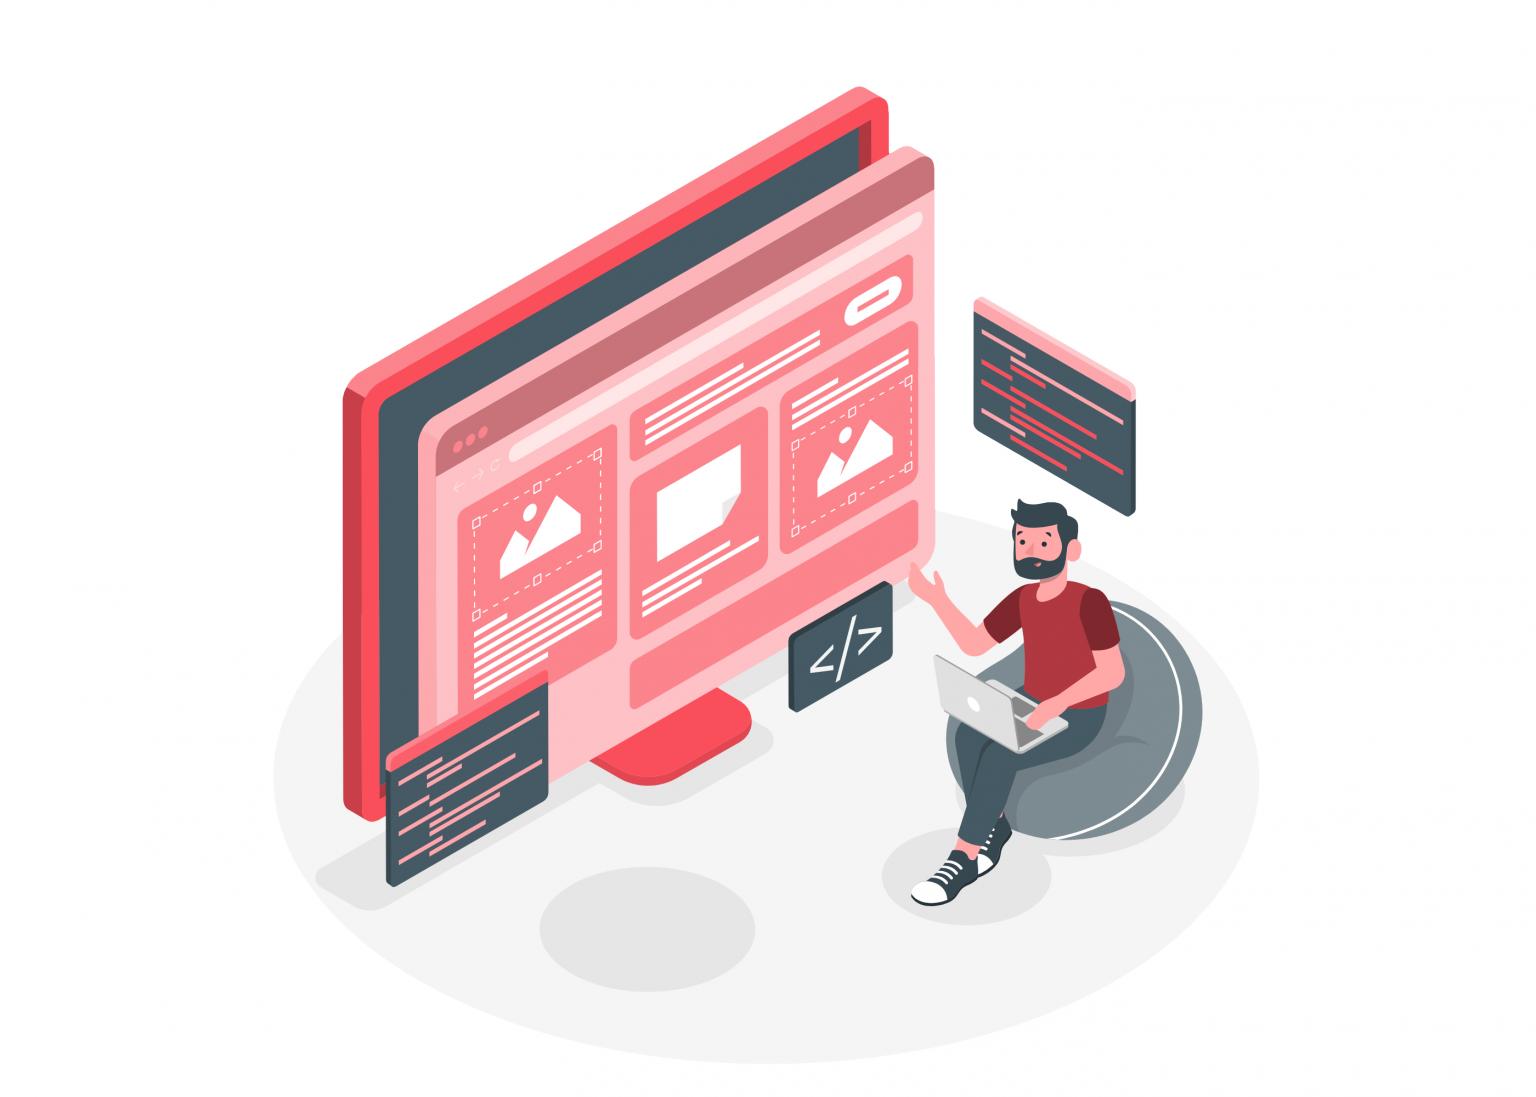 Ilustración con una persona señalando el diseño de una página web.